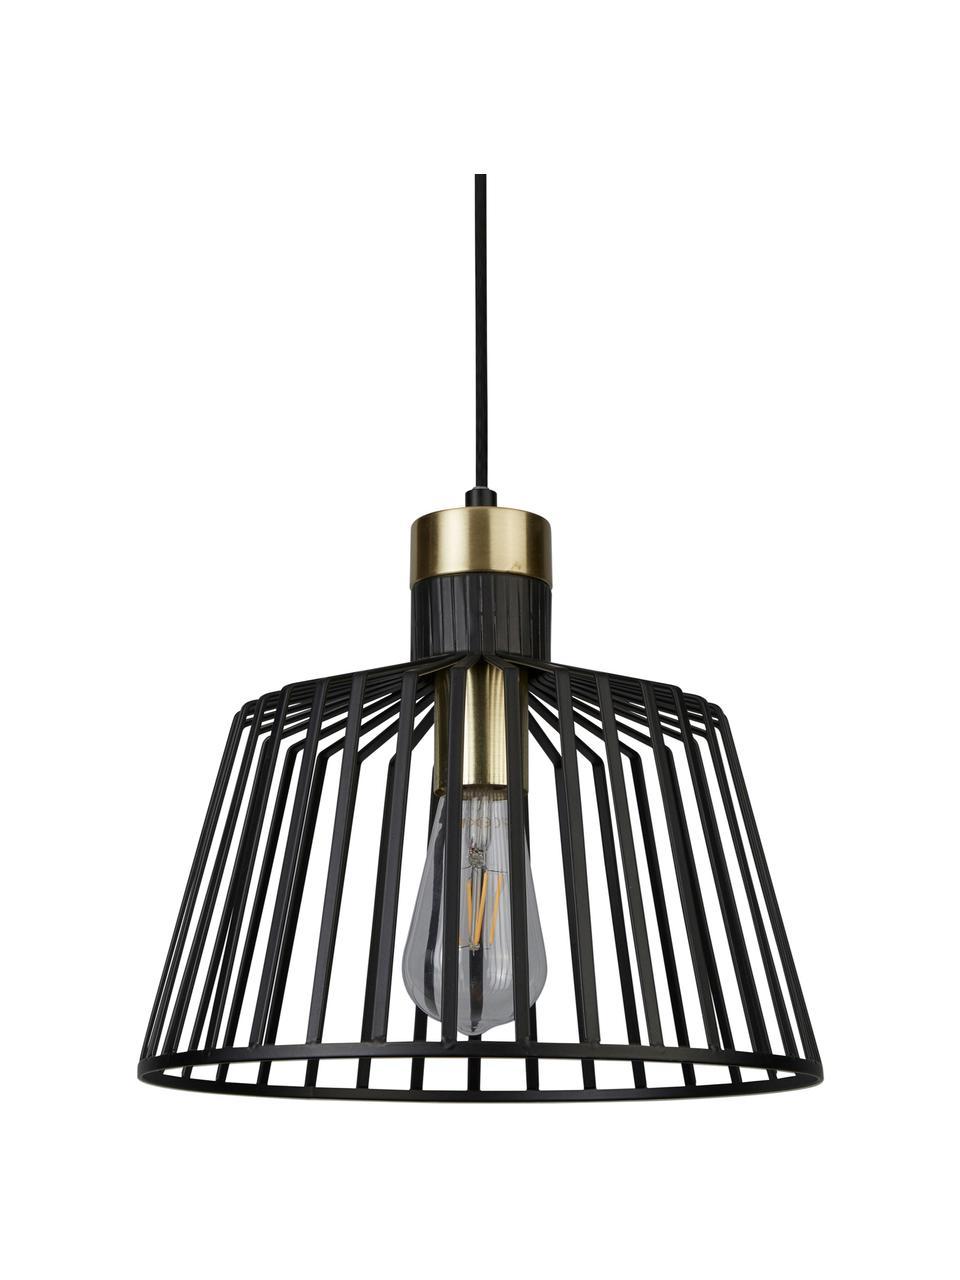 Lampa wisząca Bird Cage, Czarny, odcienie złotego, Ø 30 x W 27 cm